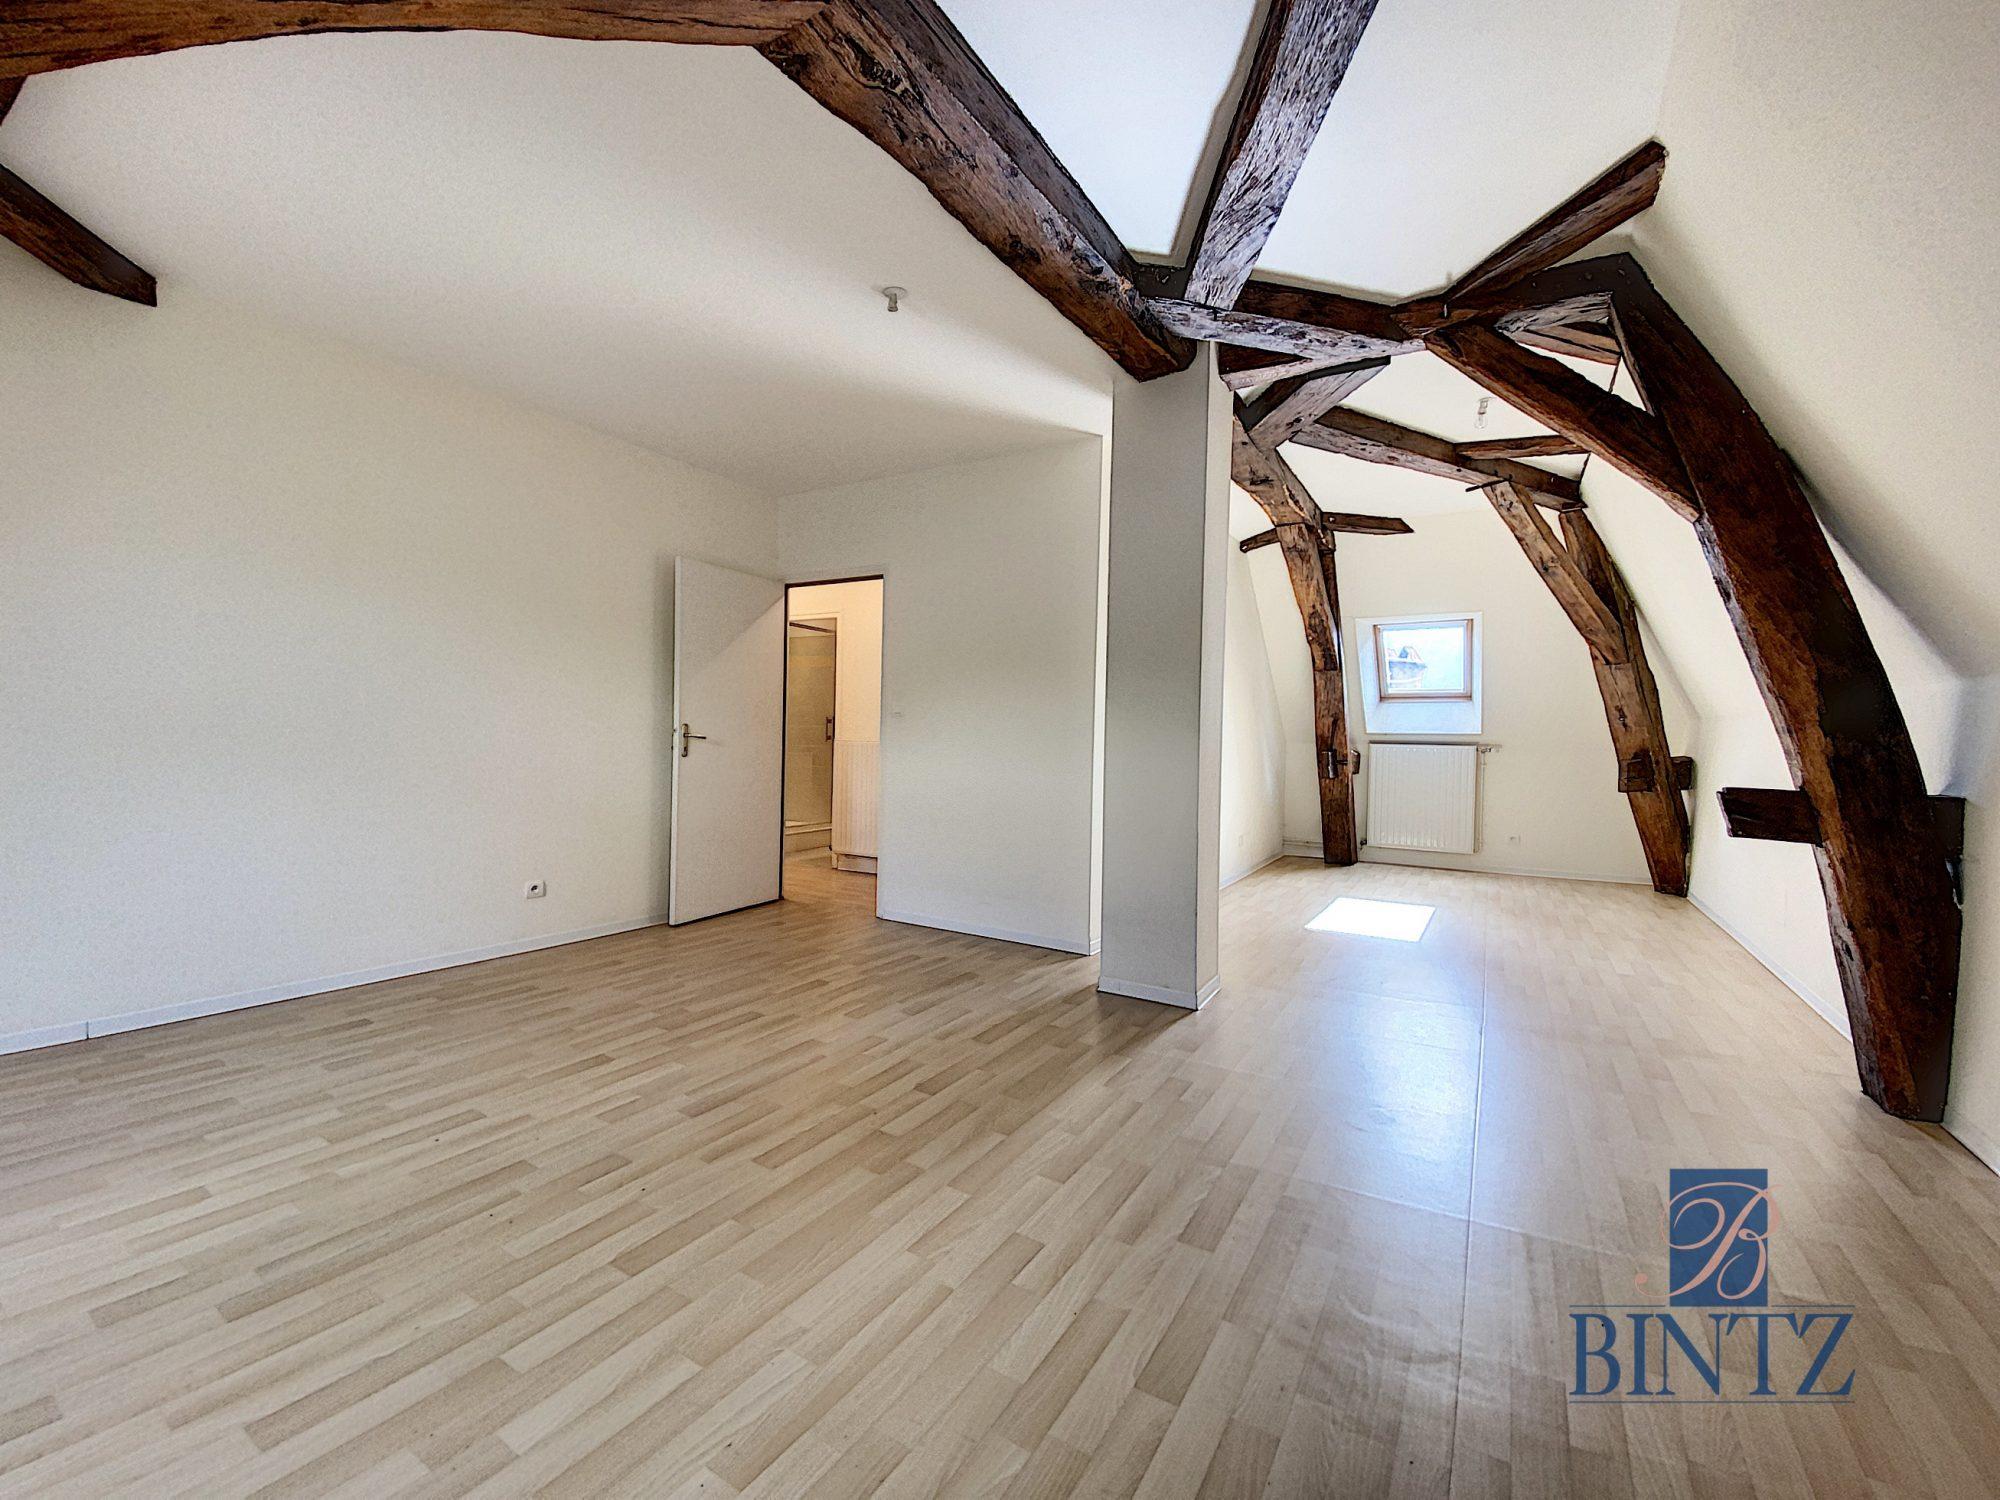 4P toulon sur arroux 1er - Devenez locataire en toute sérénité - Bintz Immobilier - 4